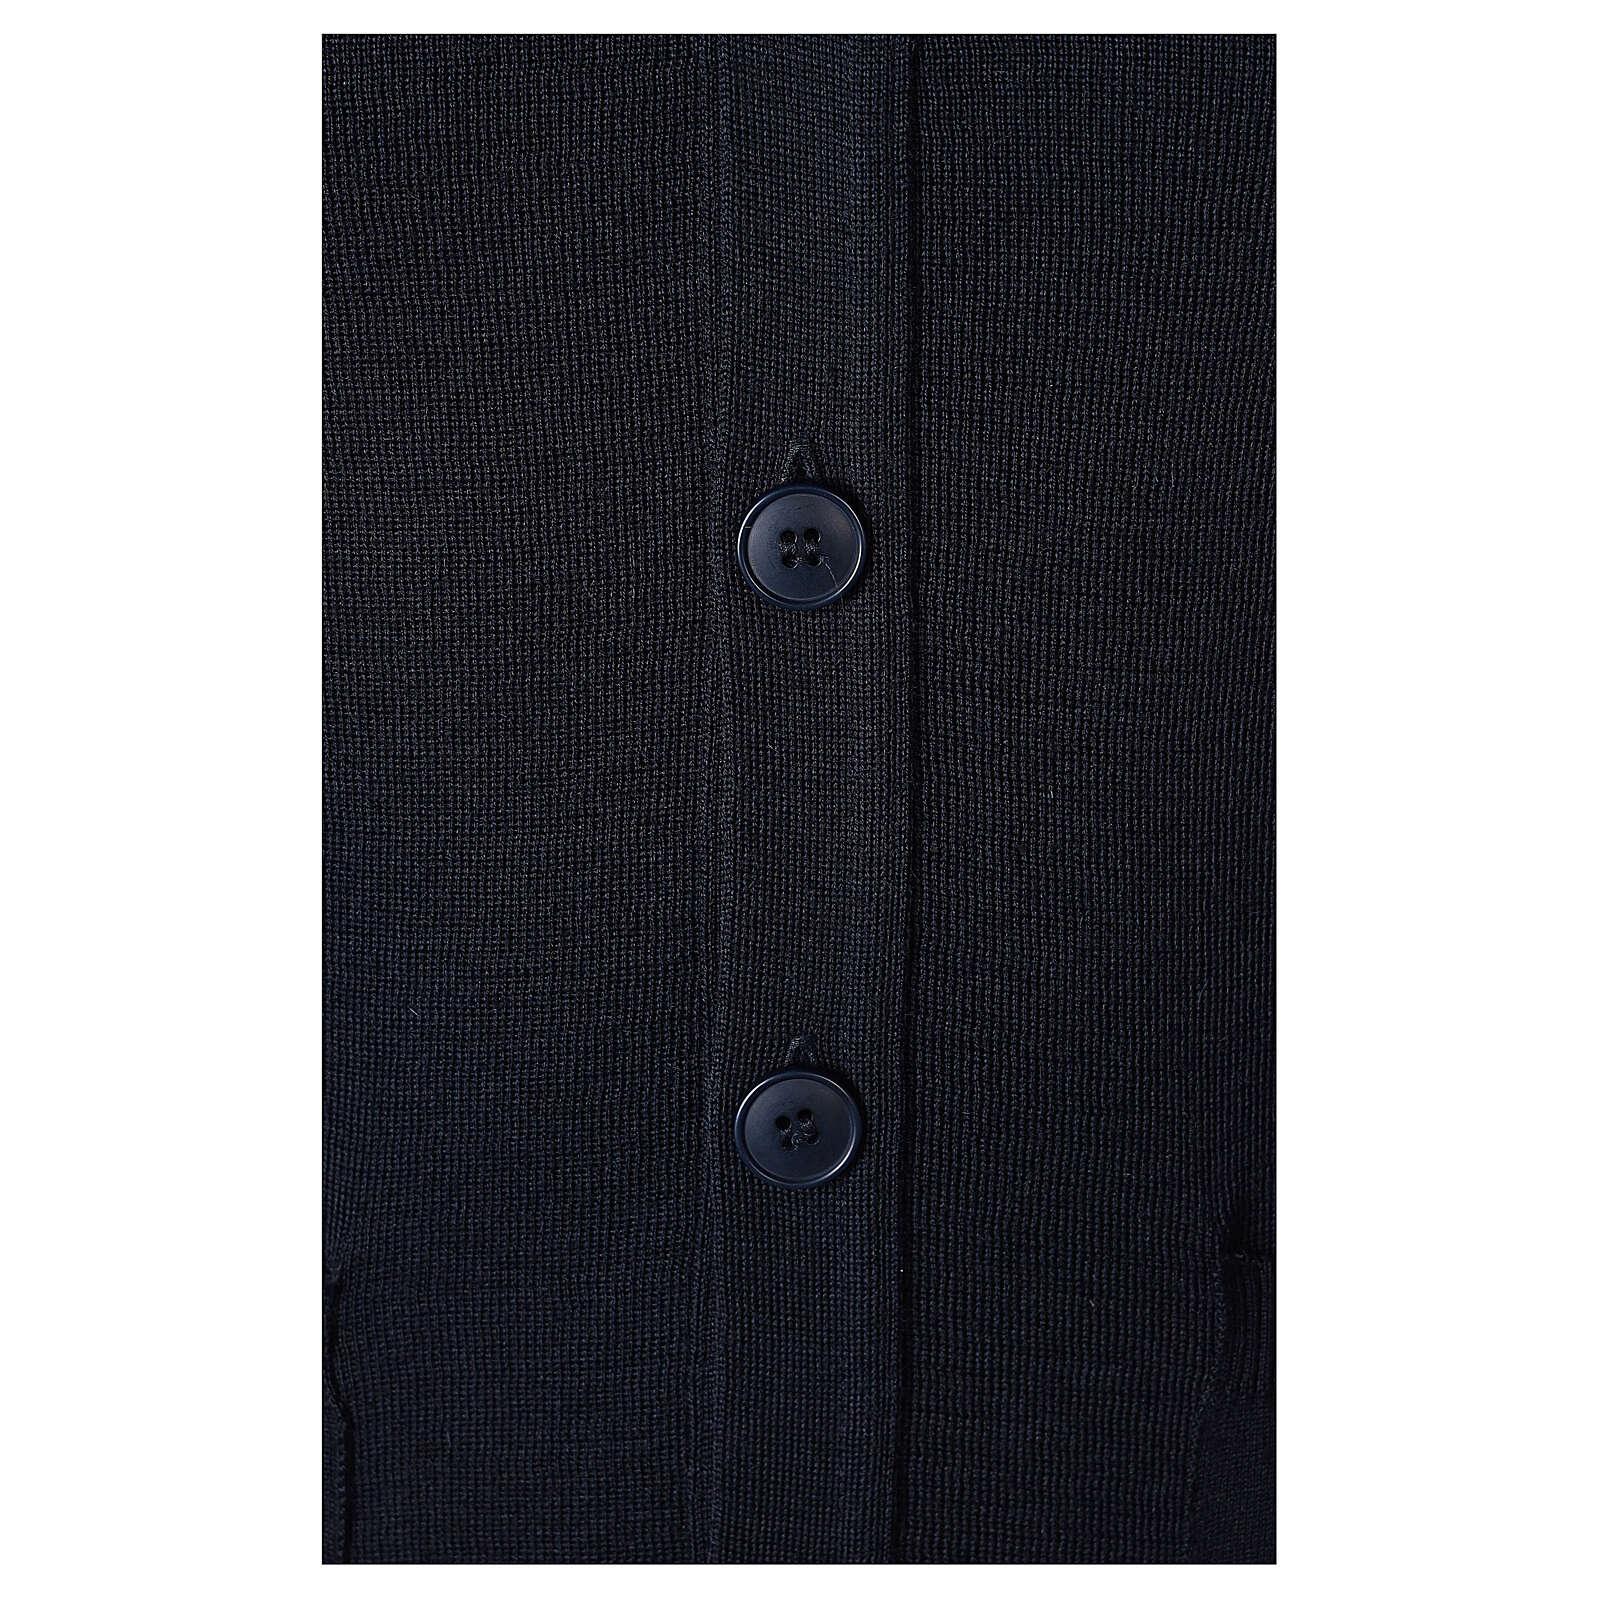 Gilet sacerdote blu aperto con tasche bottoni TAGLIE CONF. In Primis 4